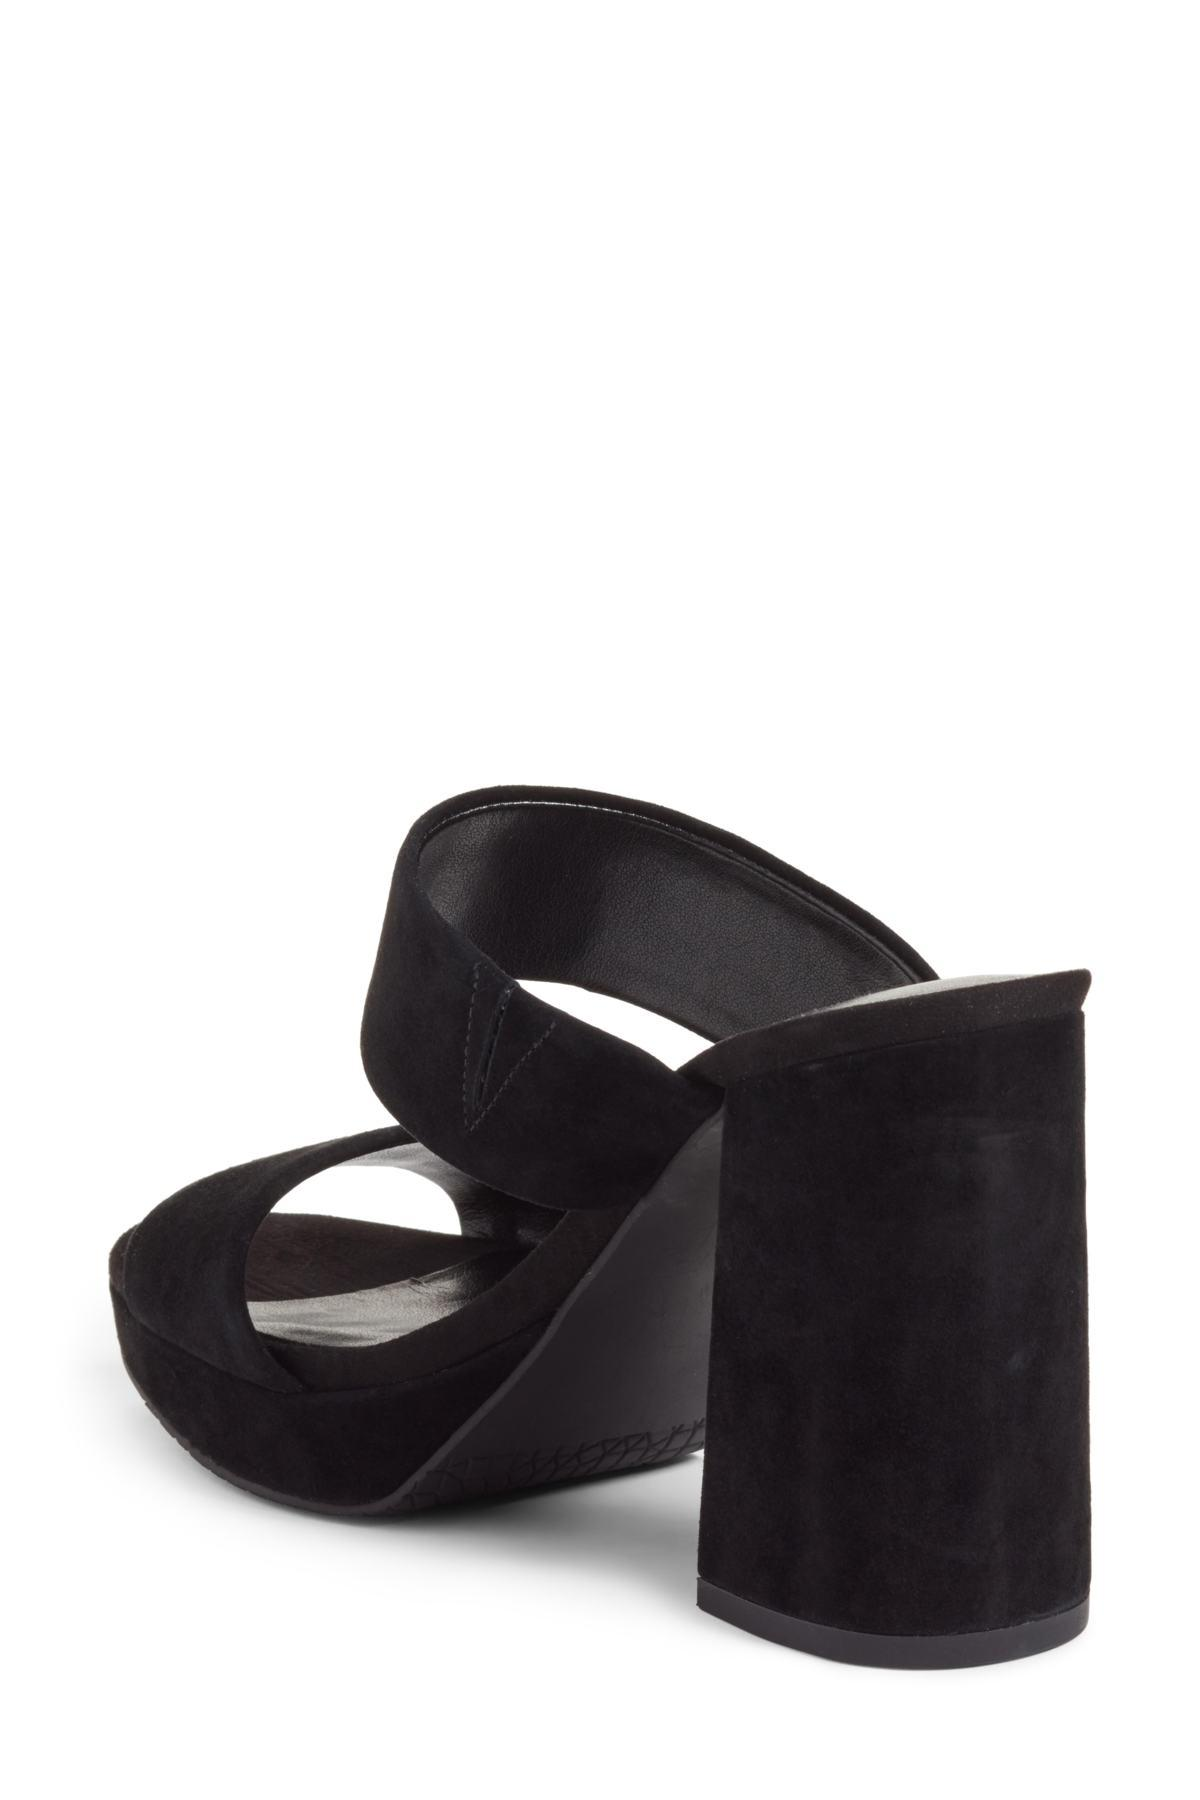 af869f3e2f3d Lyst - BP. Sophia Platform Sandal in Black